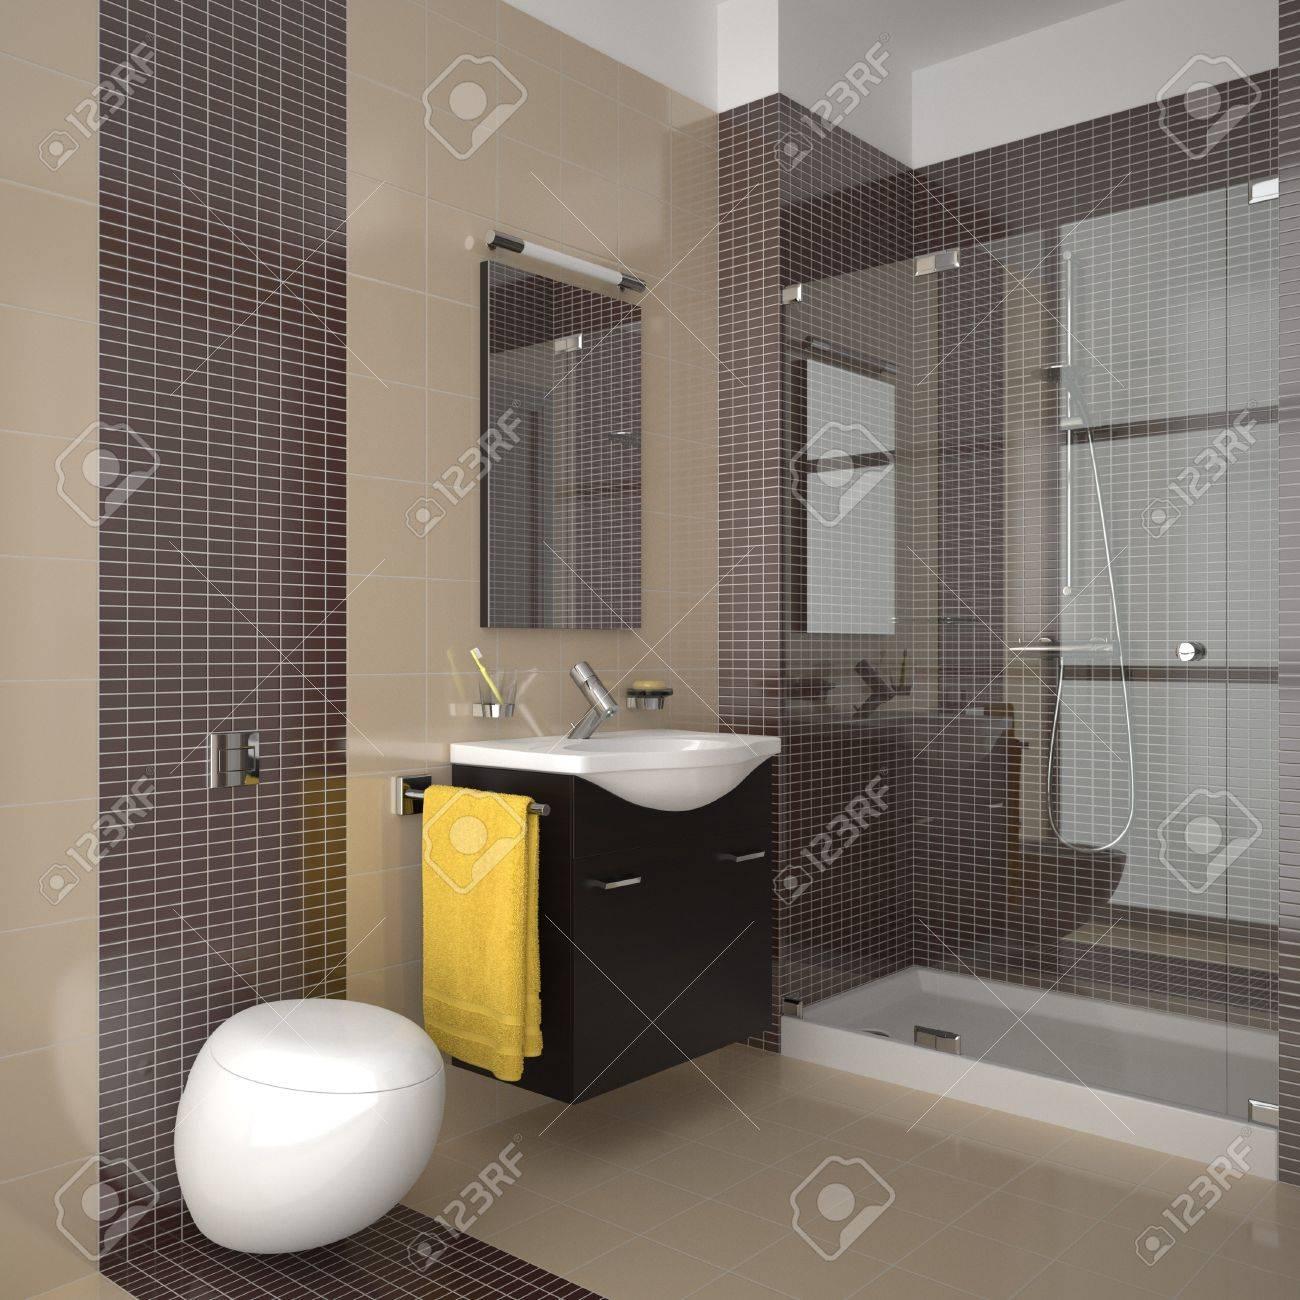 bagno moderno con piastrelle beige e marrone foto royalty free ... - Bagni Moderni Beige E Marrone